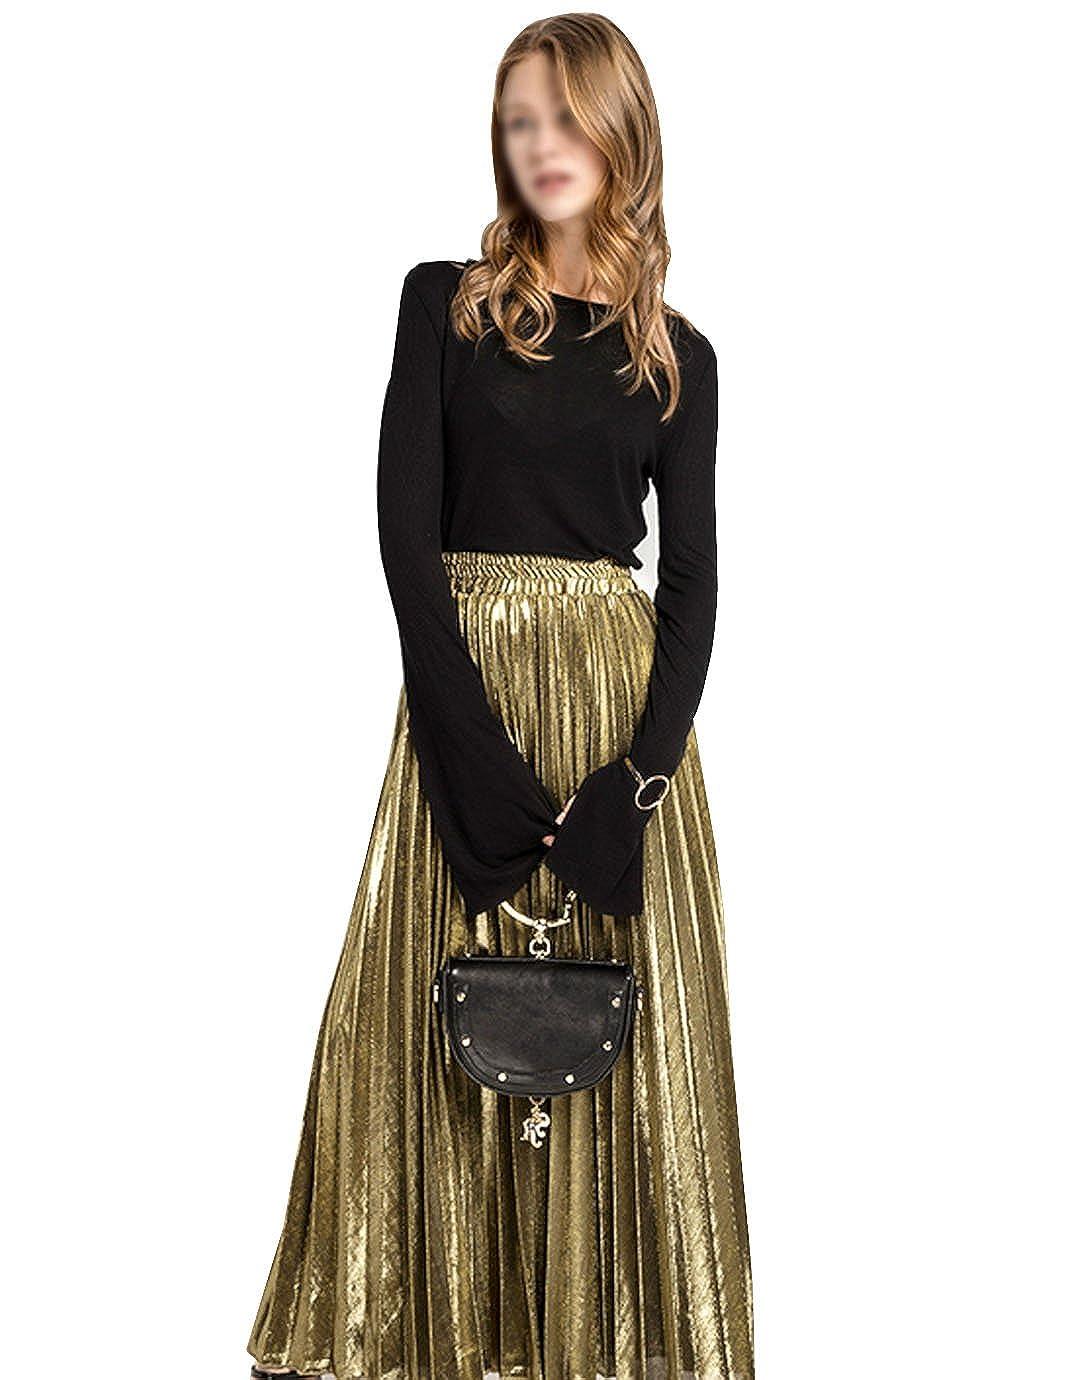 LA HAUTE Women Girls Metallic Pleated Skirt Summer Long Beach Skirt Luster Satin Party Midi Skirt, (UK8-14) Gold